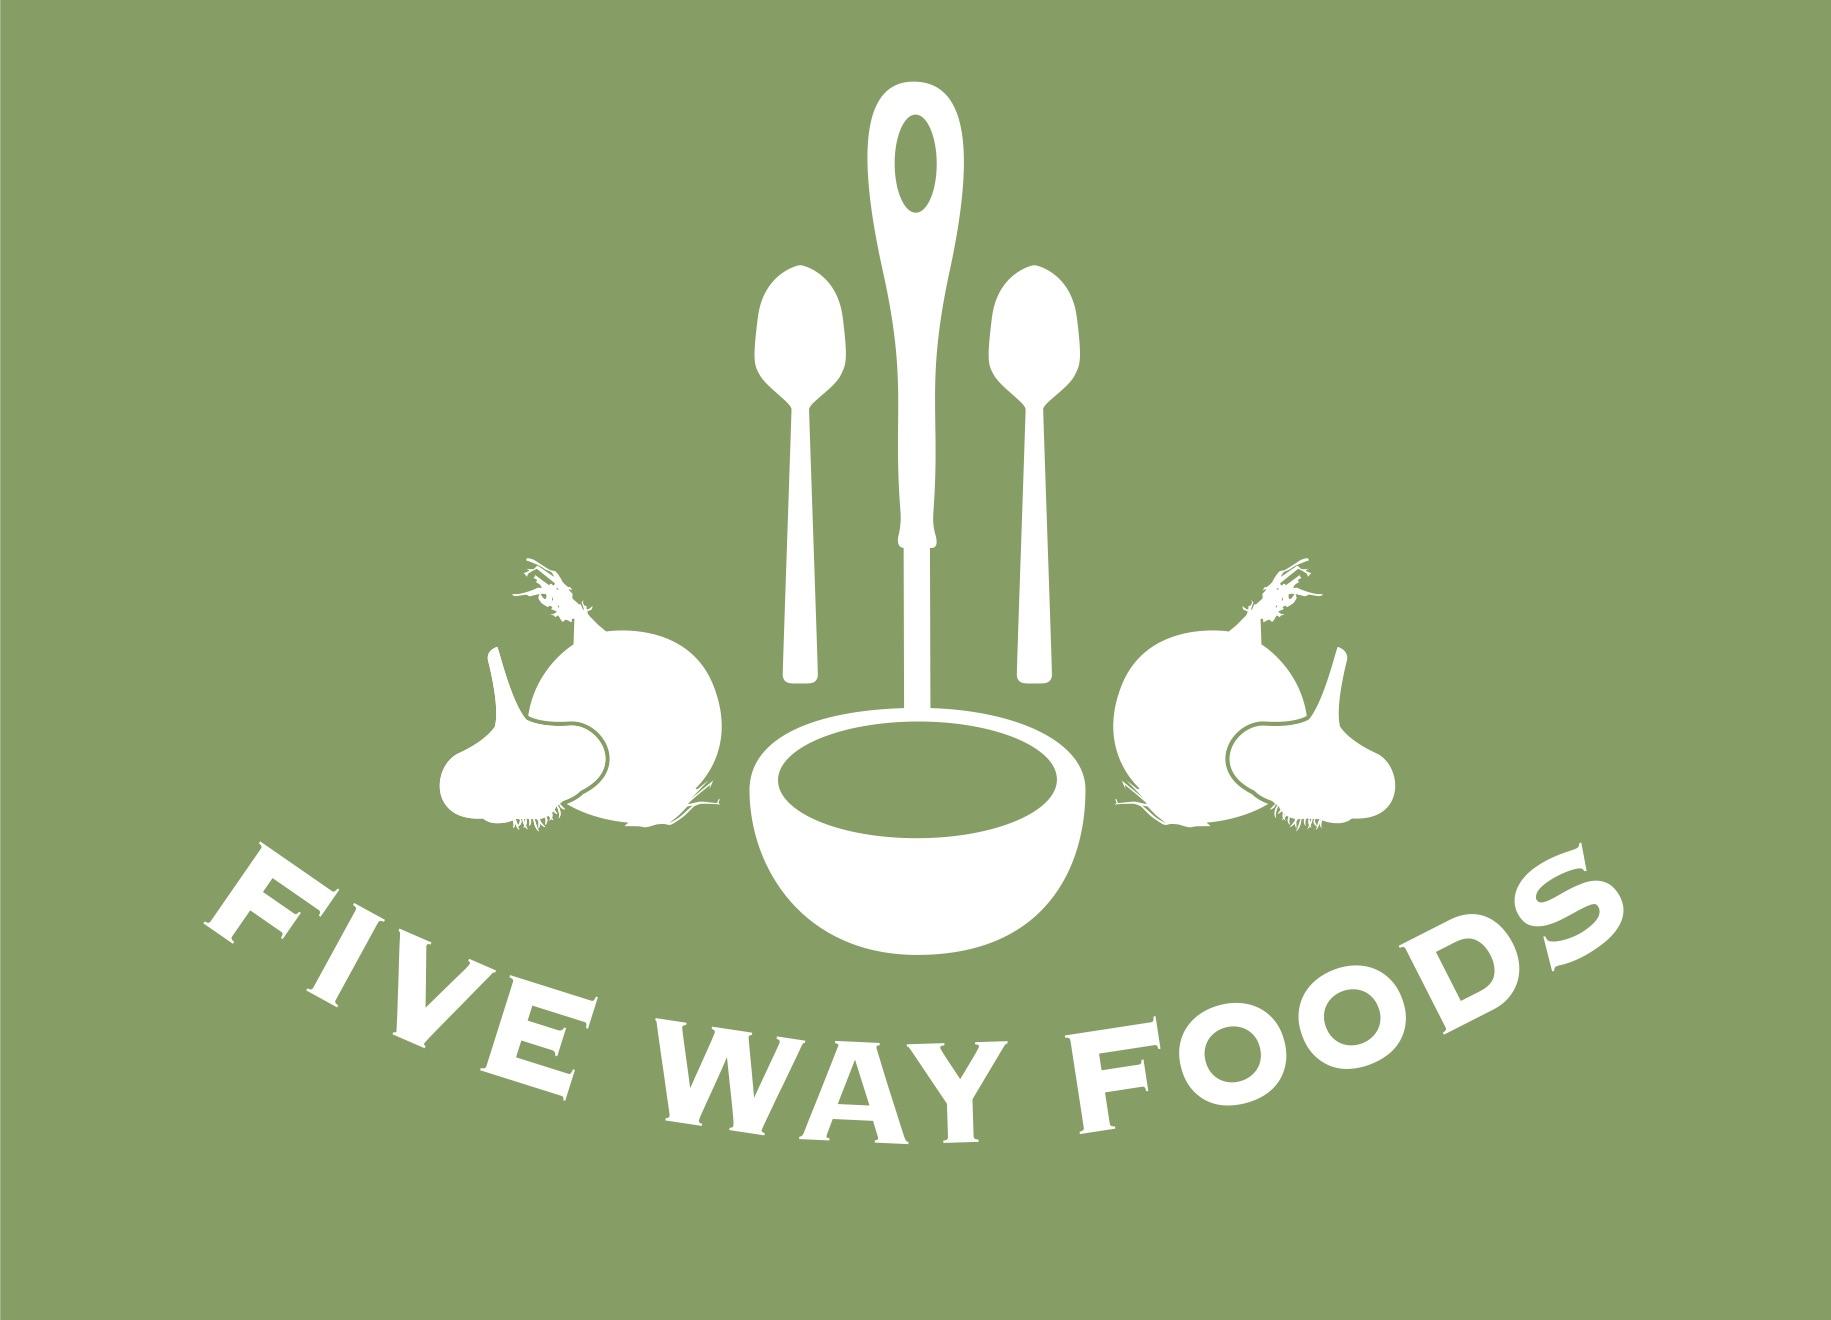 Five Way Foods.jpg